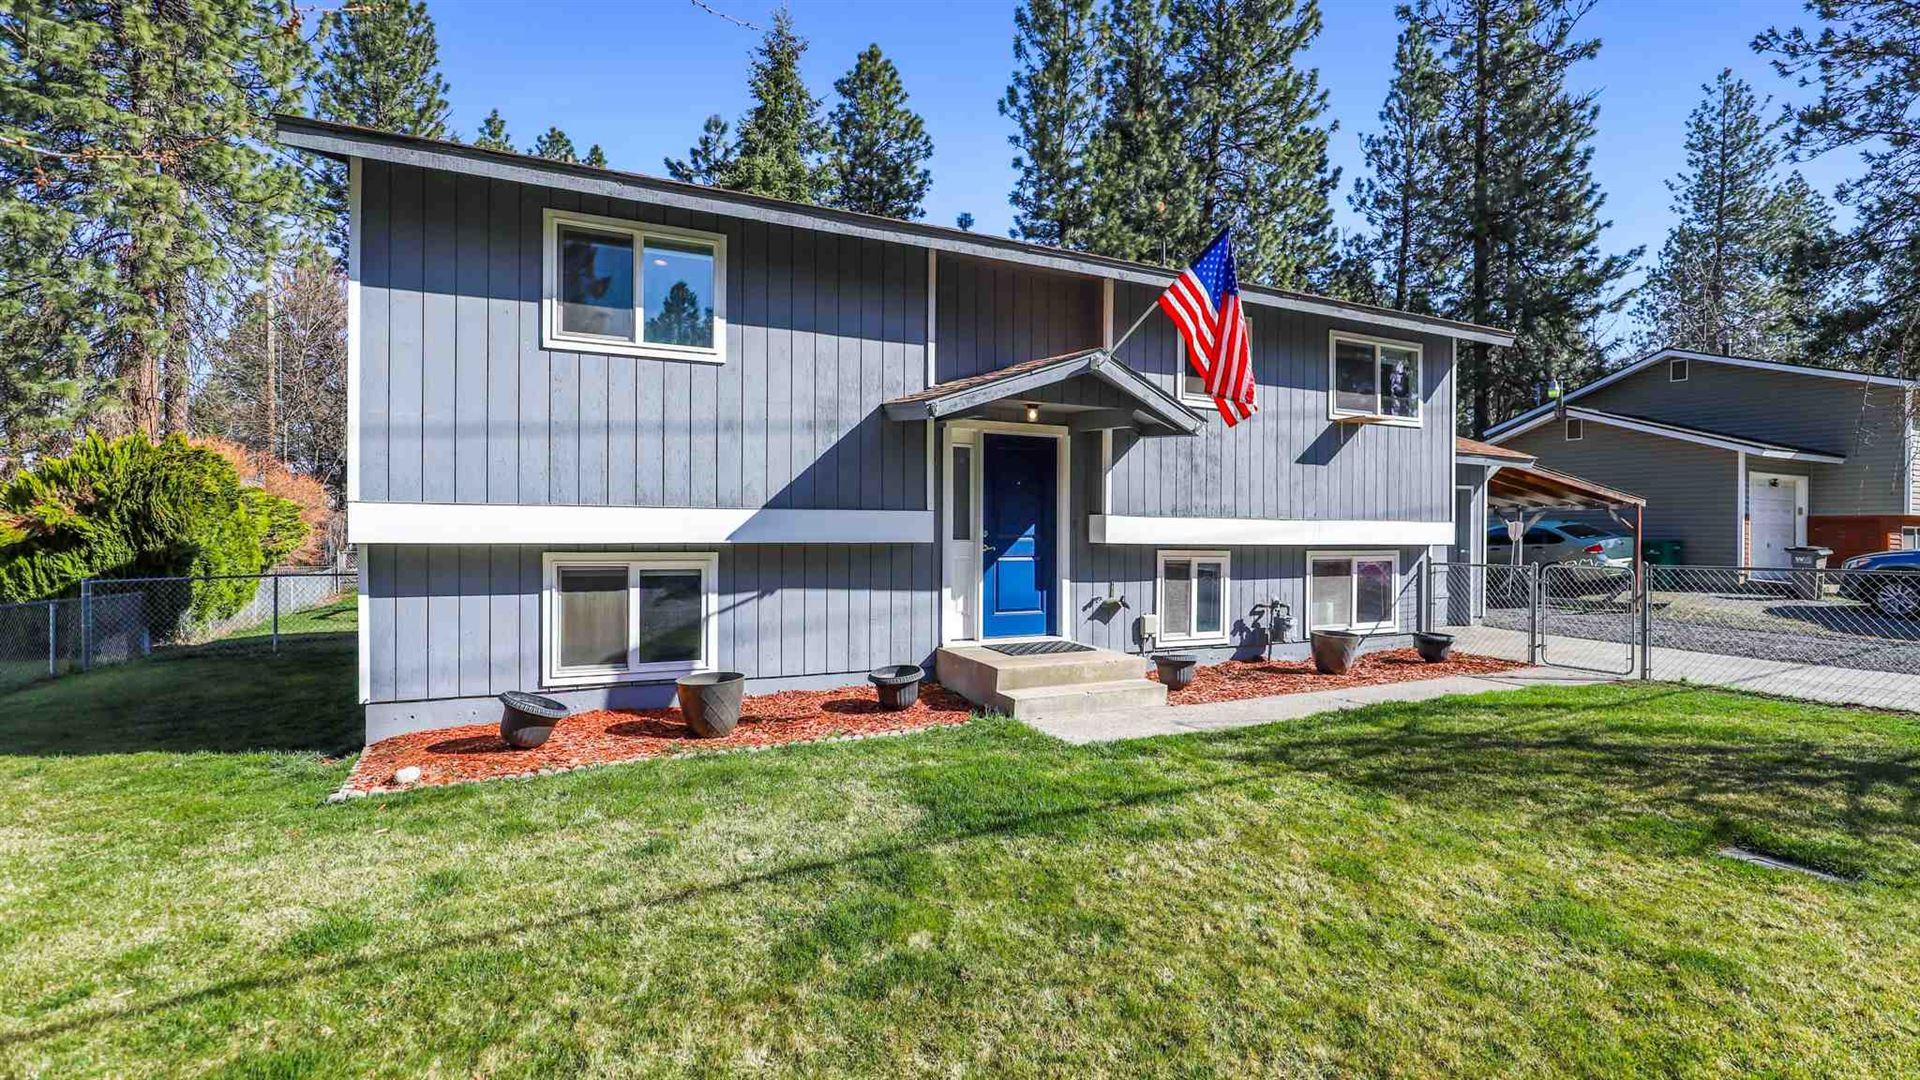 9811 E 8th Ave, Spokane Valley, WA 99206 - #: 202113690